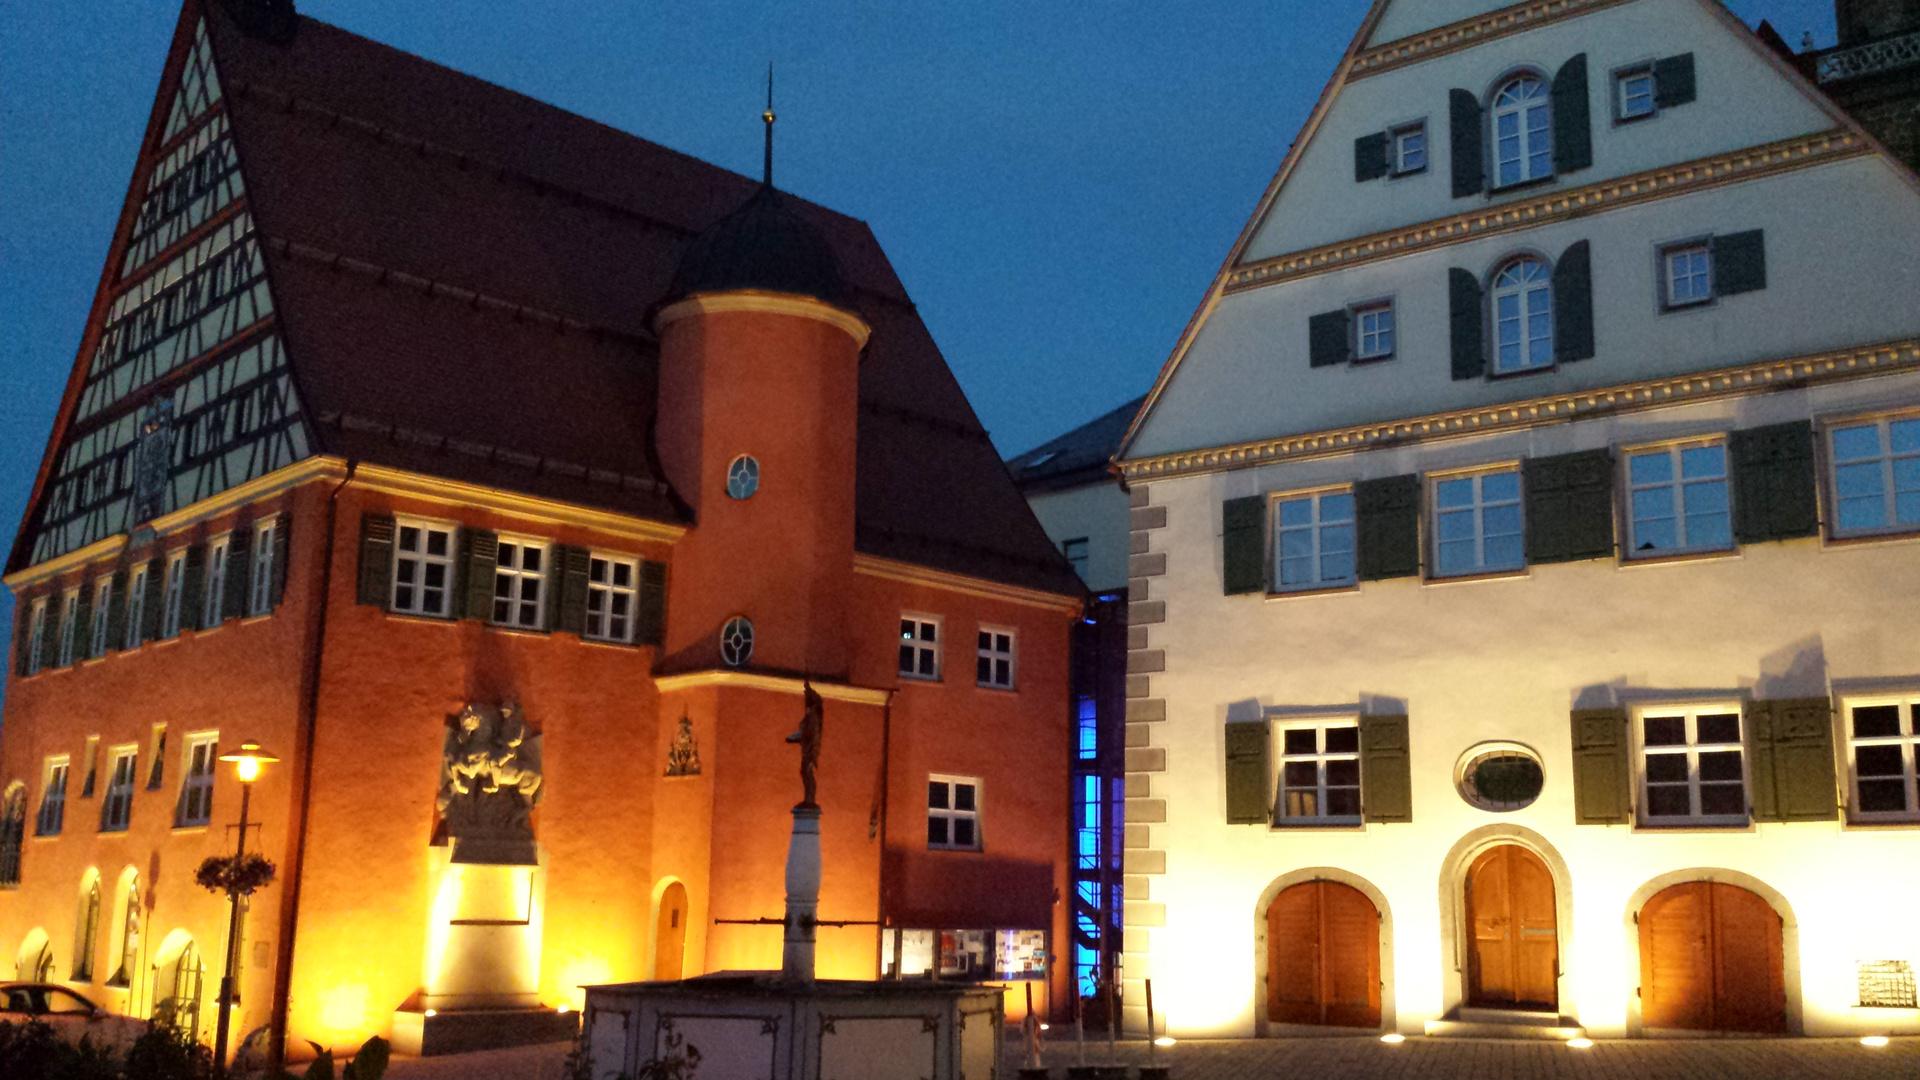 Marktplatz und Rathaus-Ensemble in Bopfingen Ostalbkreis